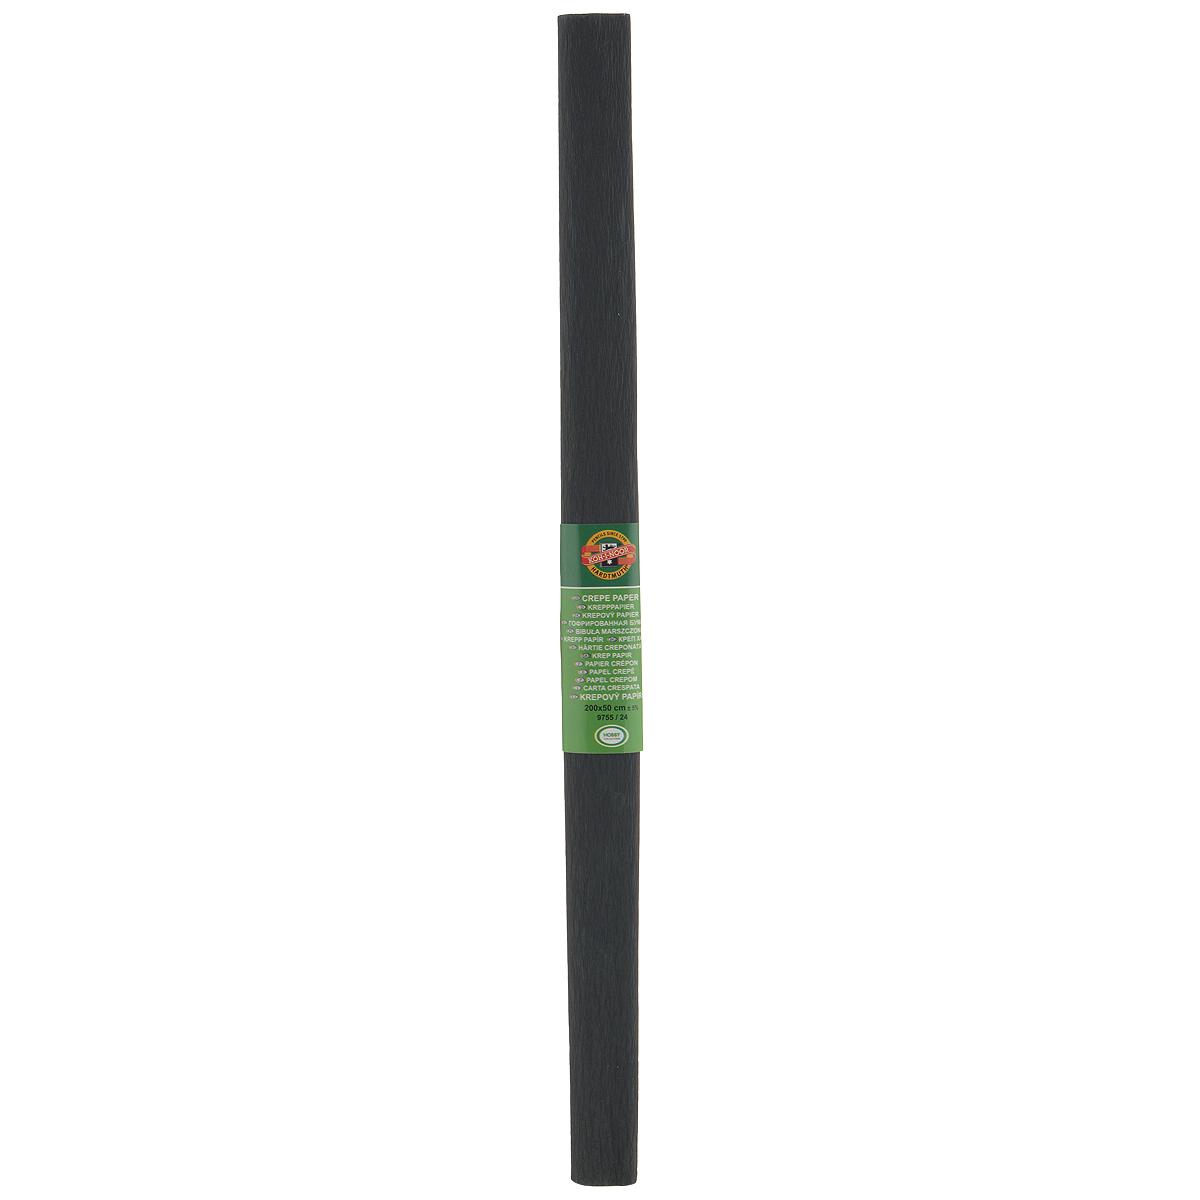 Бумага гофрированная Koh-I-Noor, цвет: черный, 50 см x 2 м9755/24 черн.Гофрированная бумага Koh-I-Noor - прекрасный материал для декорирования, изготовления эффектной упаковки и различных поделок. Бумага прекрасно держит форму, не пачкает руки, отлично крепится и замечательно подходит для изготовления праздничной упаковки для цветов.